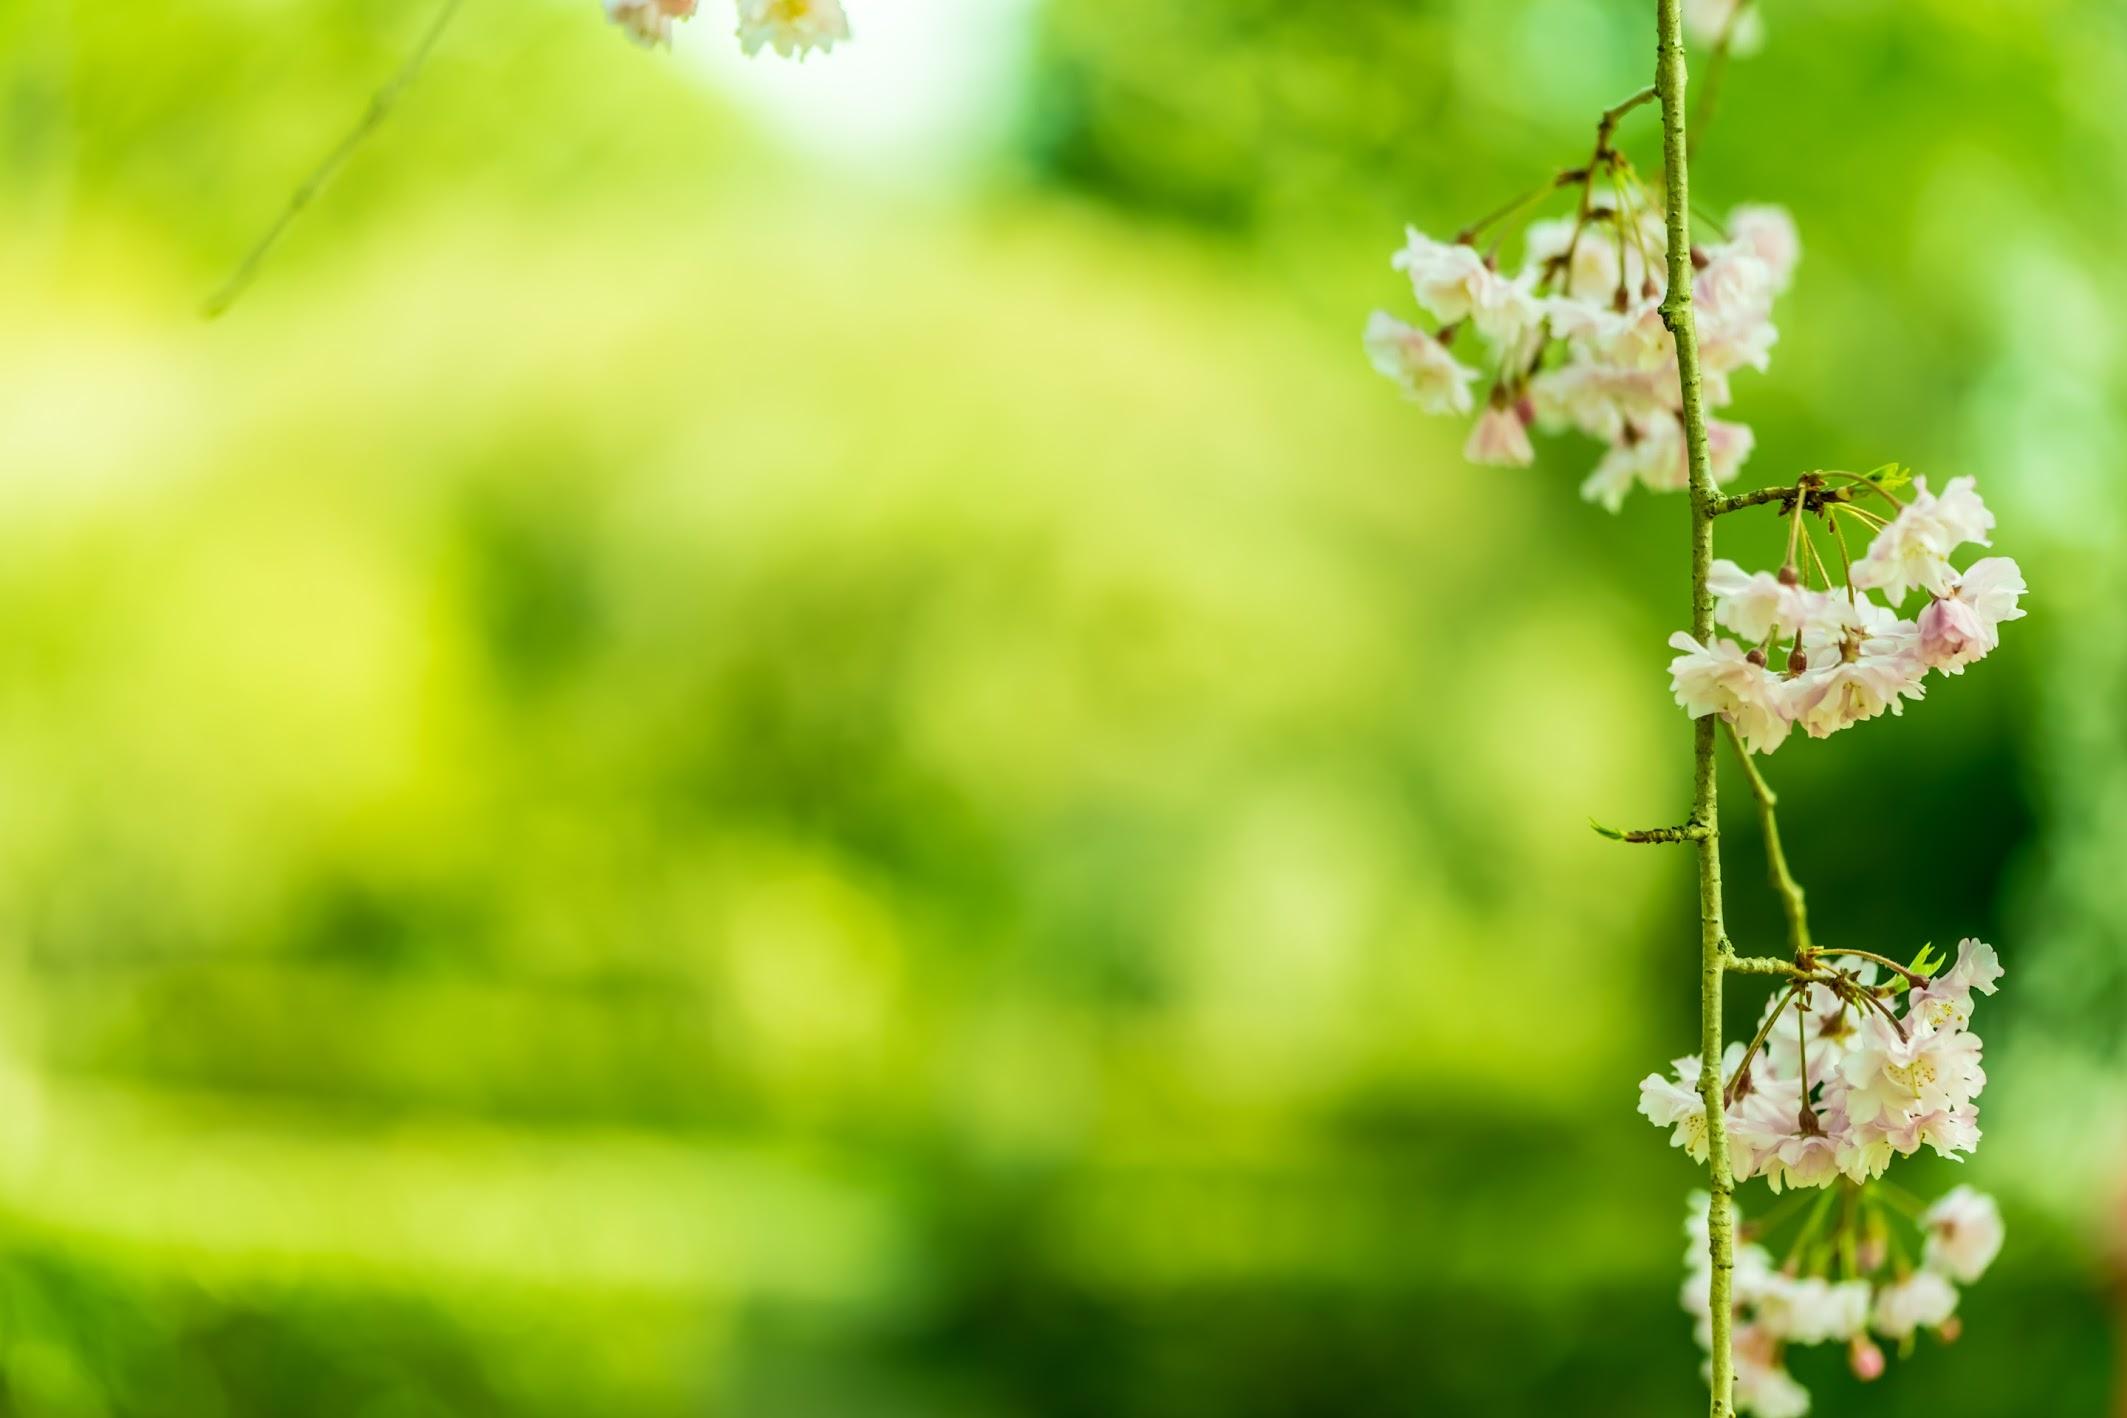 京都御苑 近衛邸跡 桜9